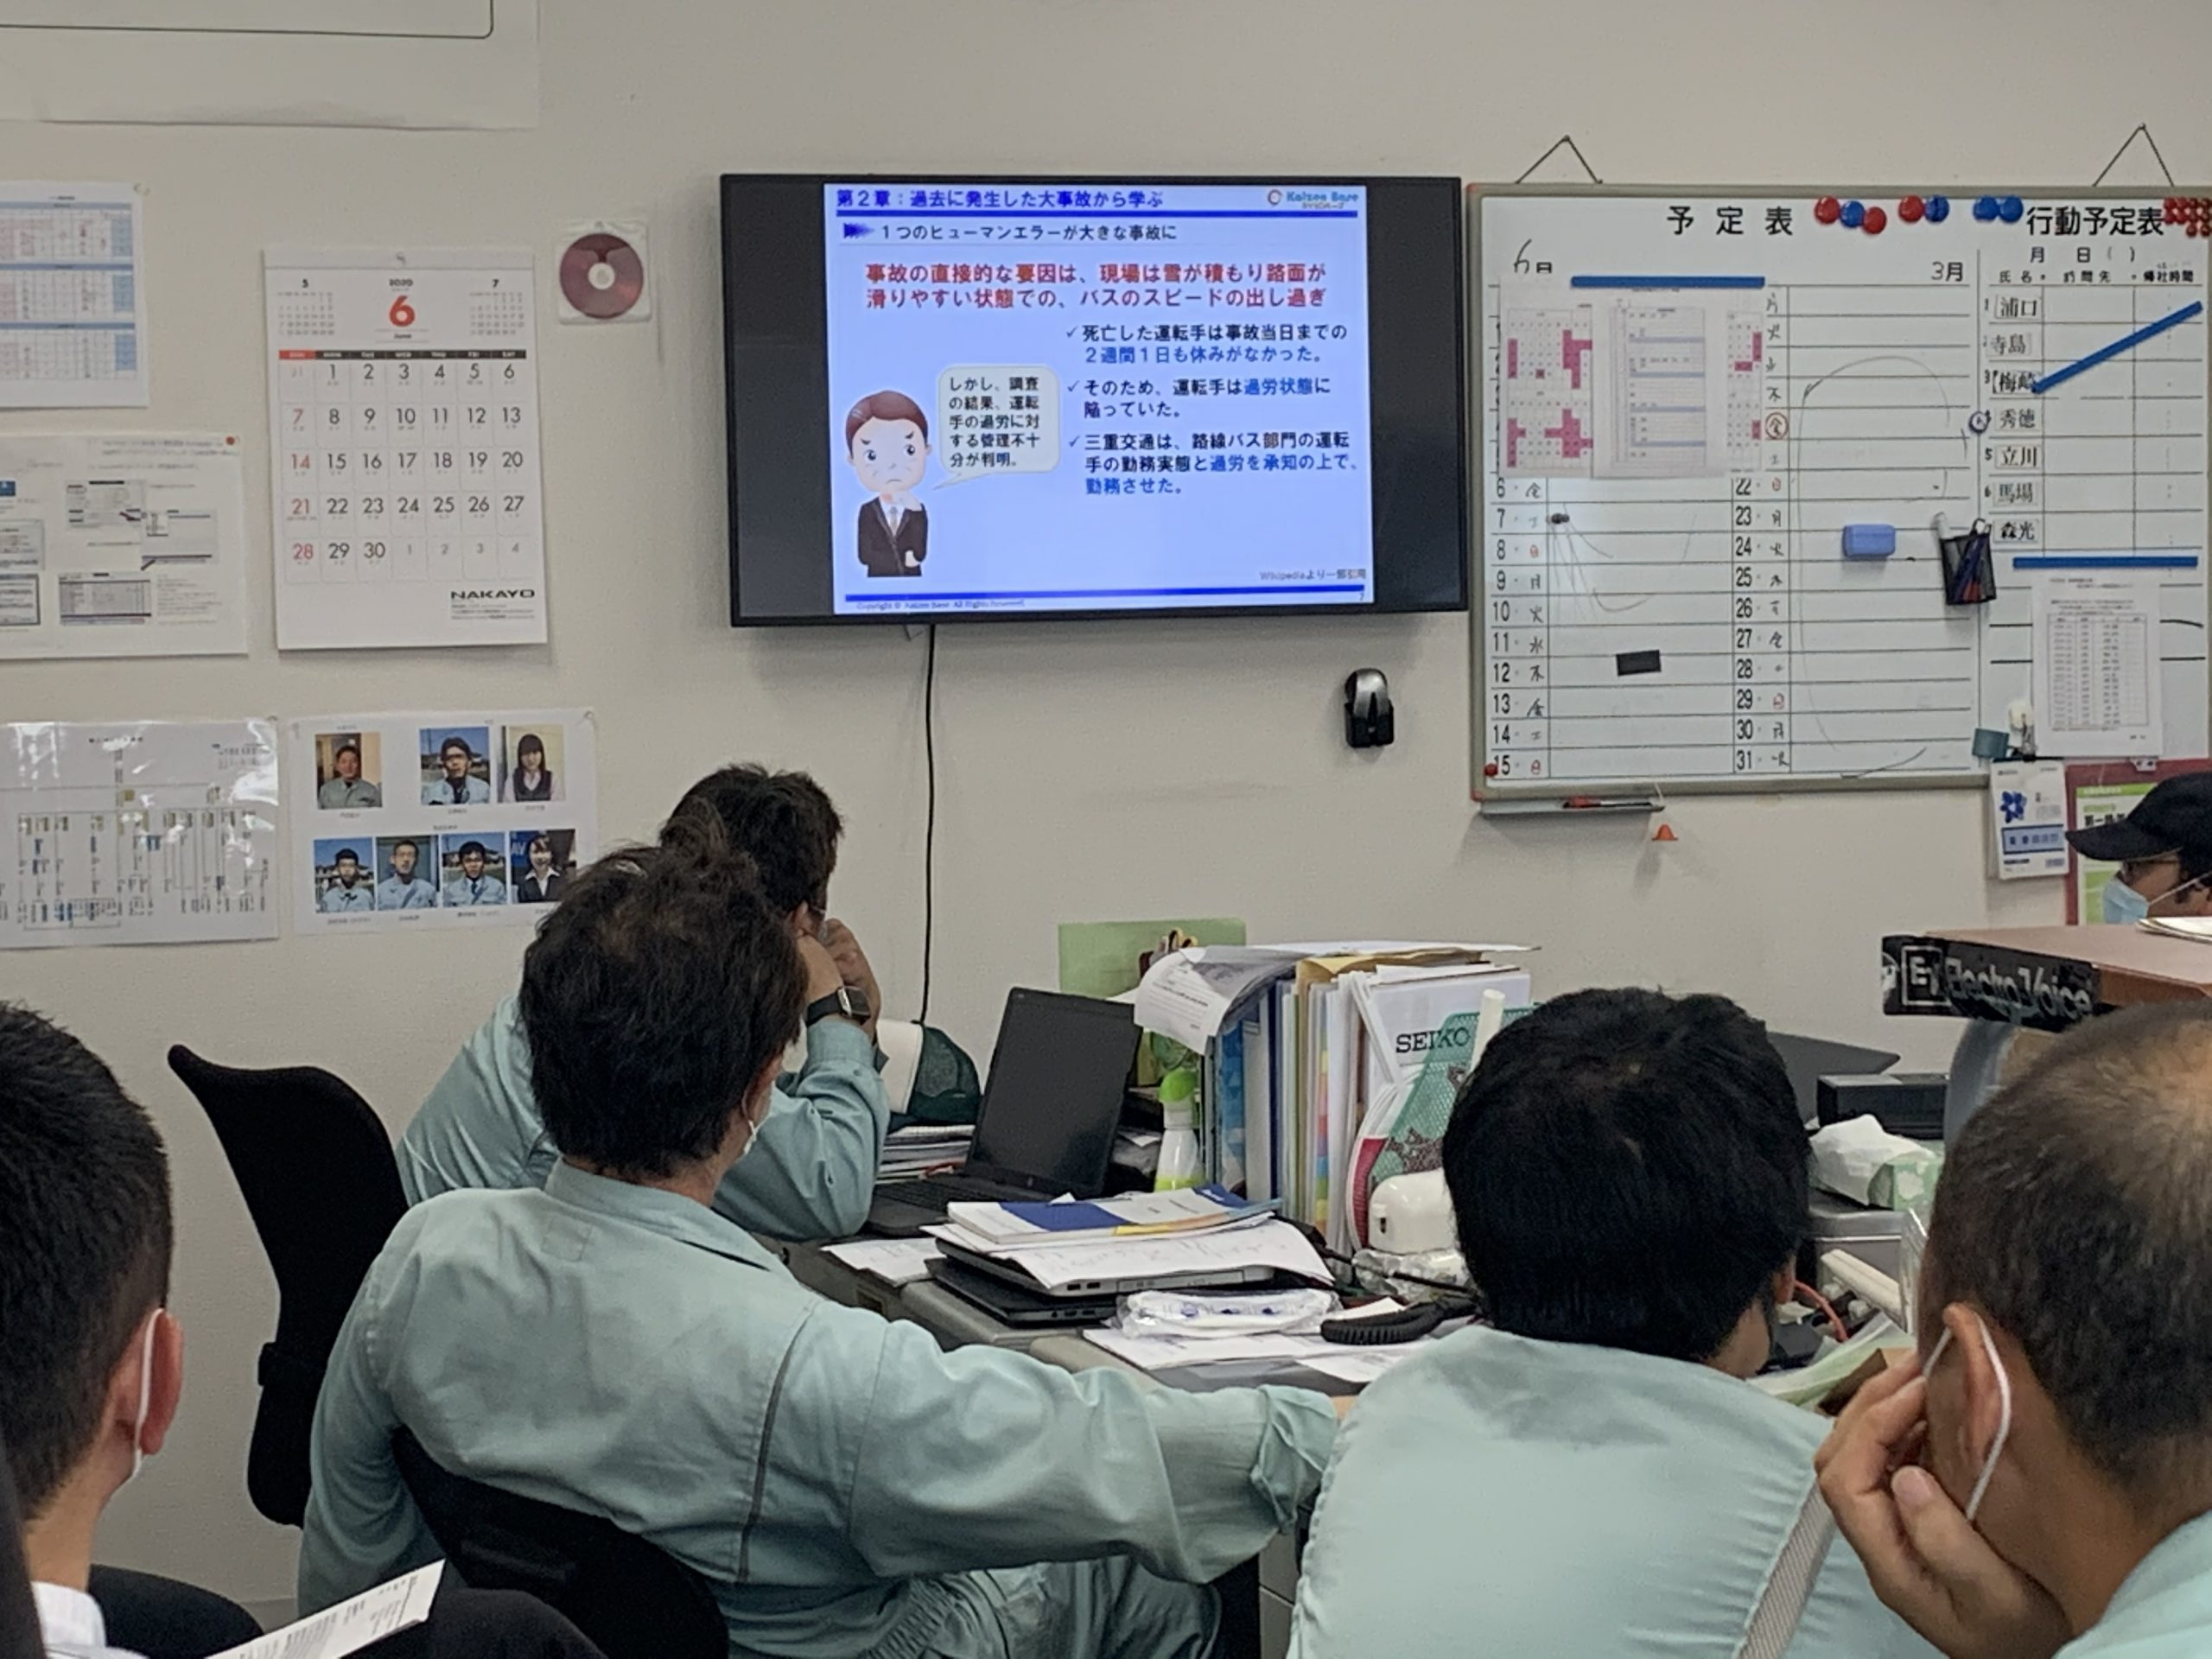 2020/6/22 佐賀支店にて、安全大会を行いました。